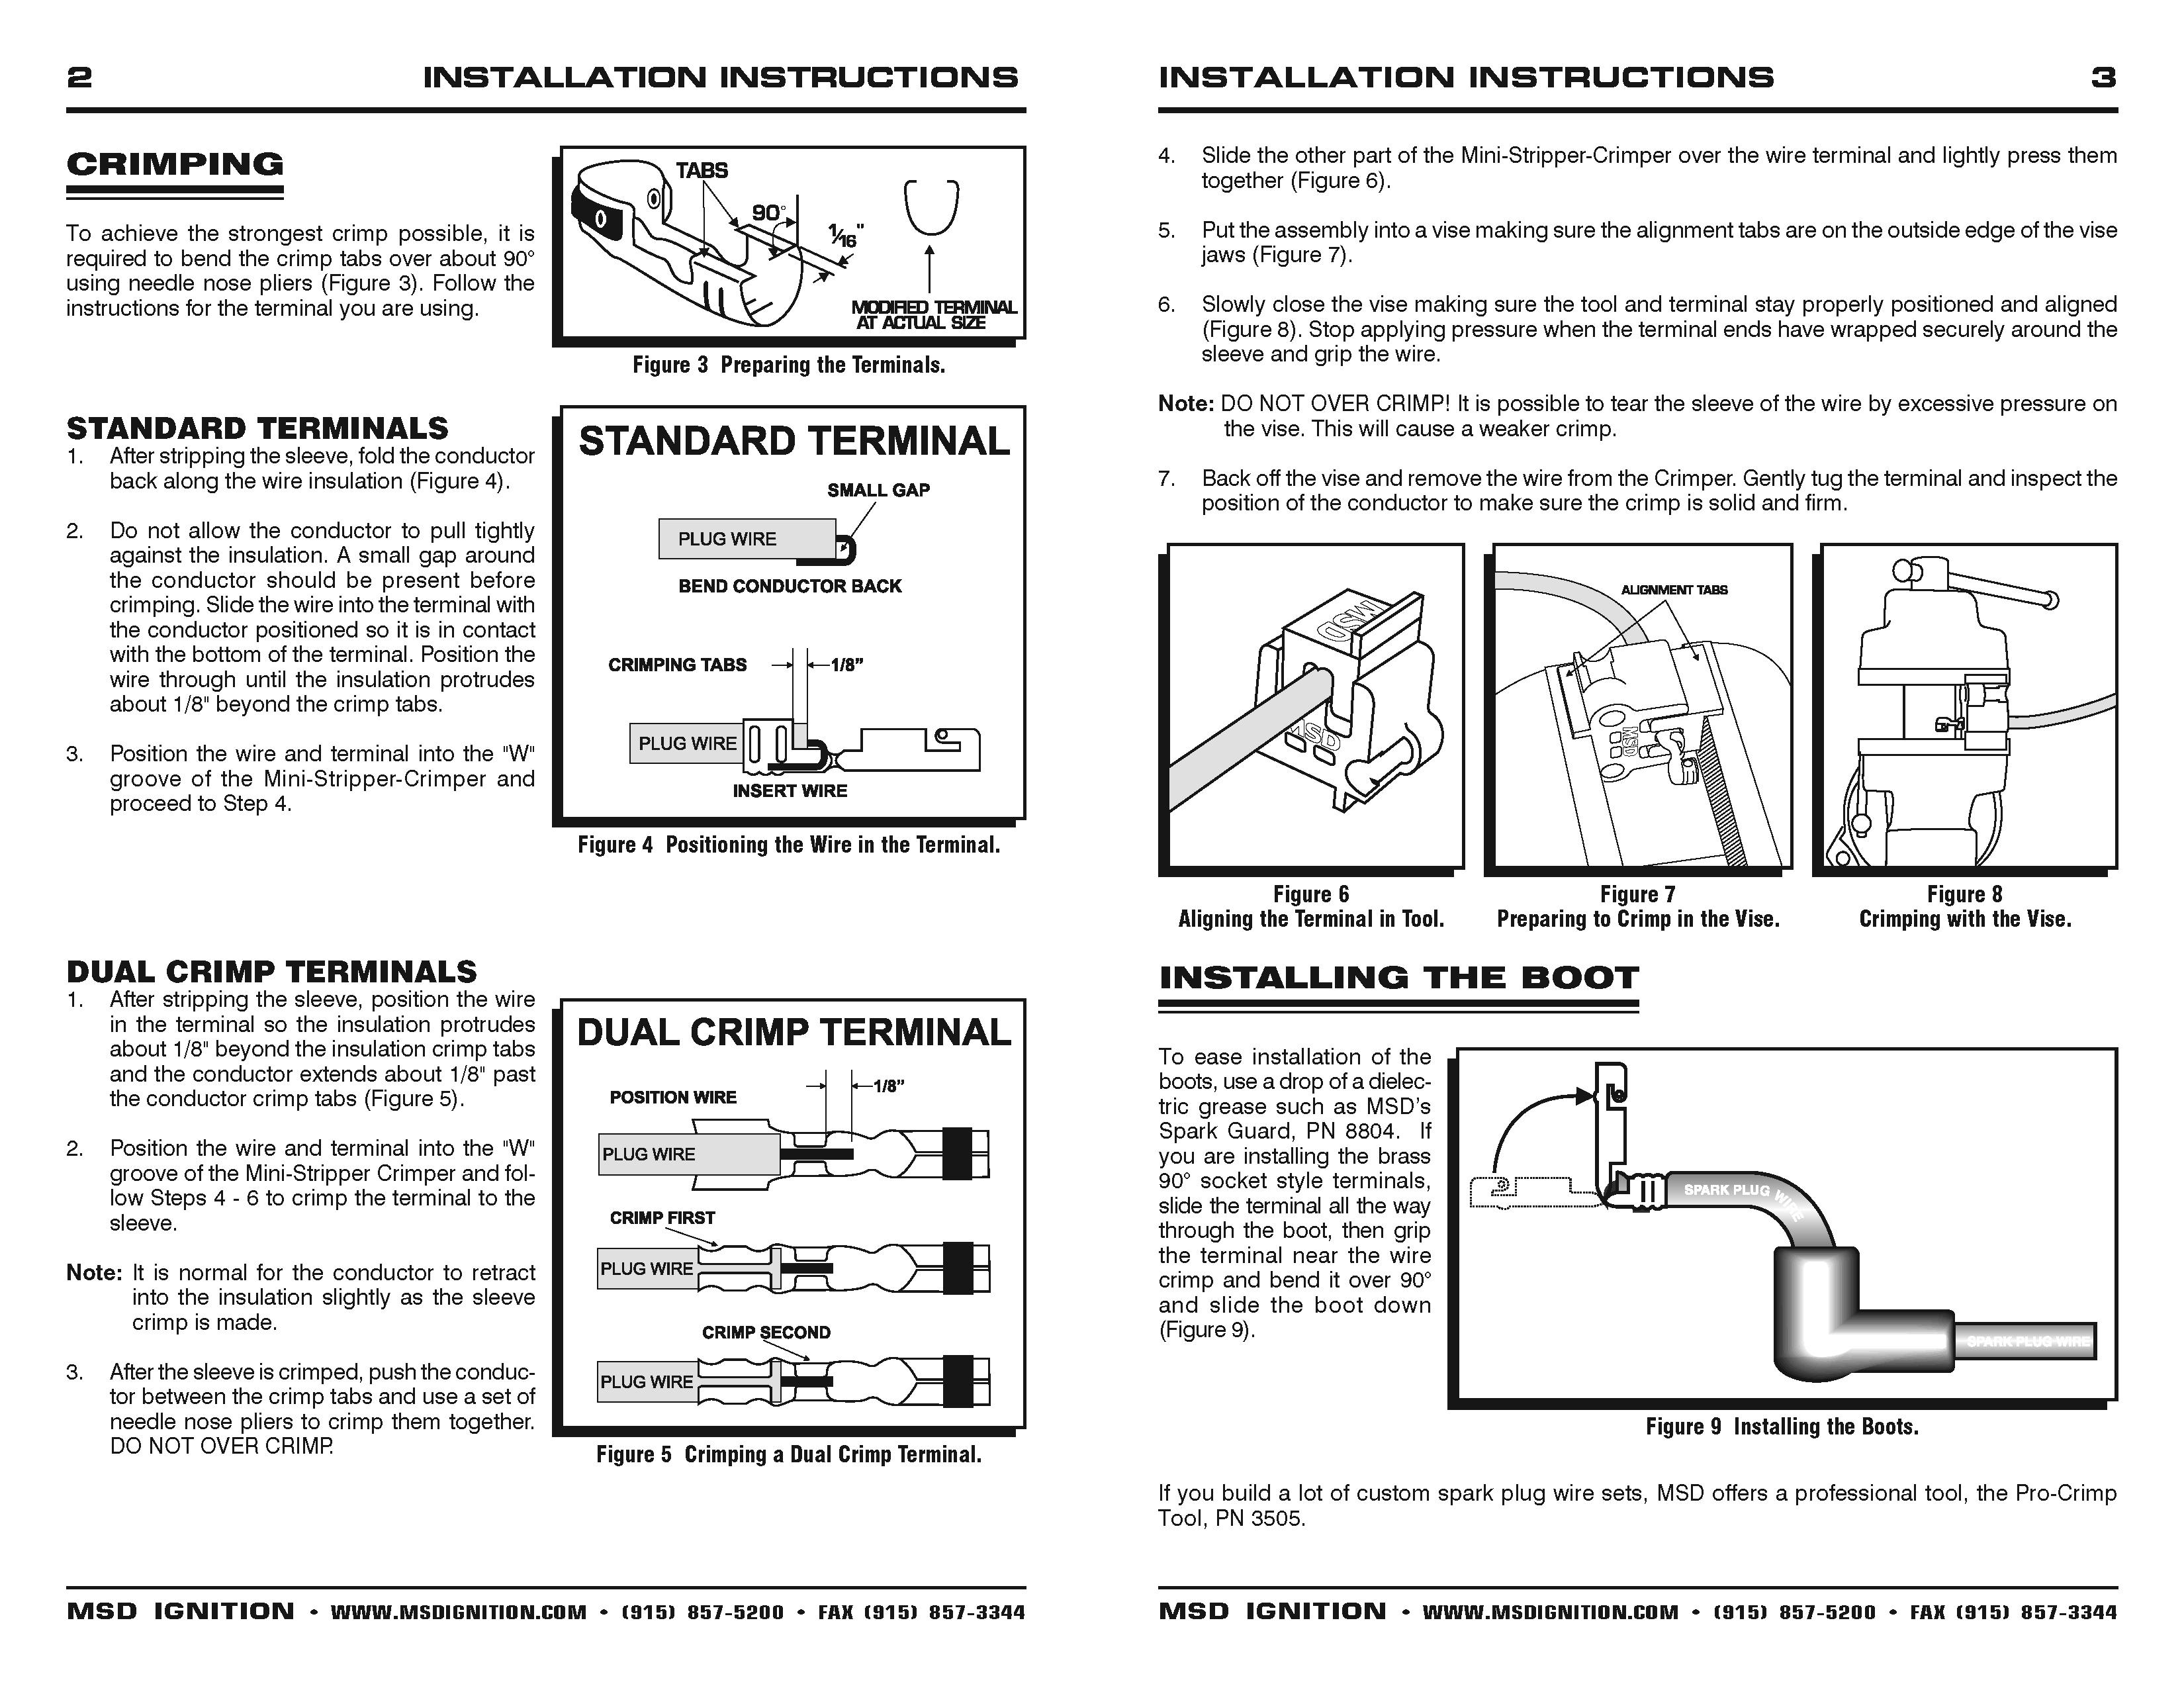 3503-msd-dual-crimp-page-2.png